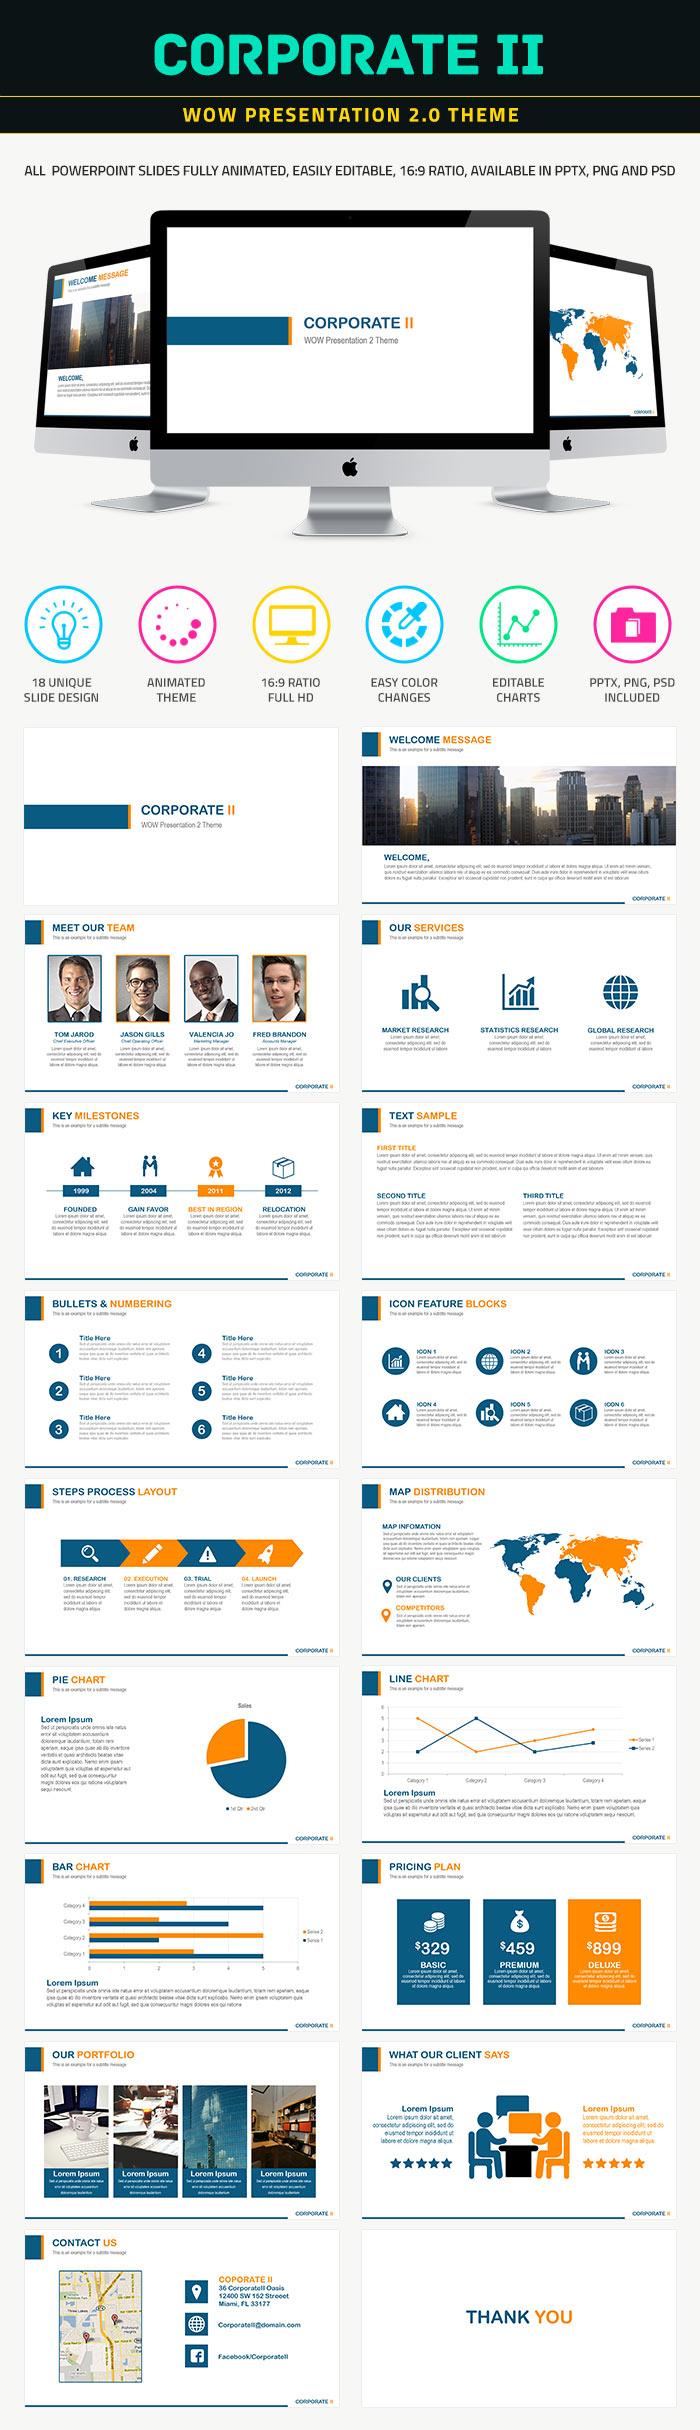 wowpresentation2-preview-corporateii